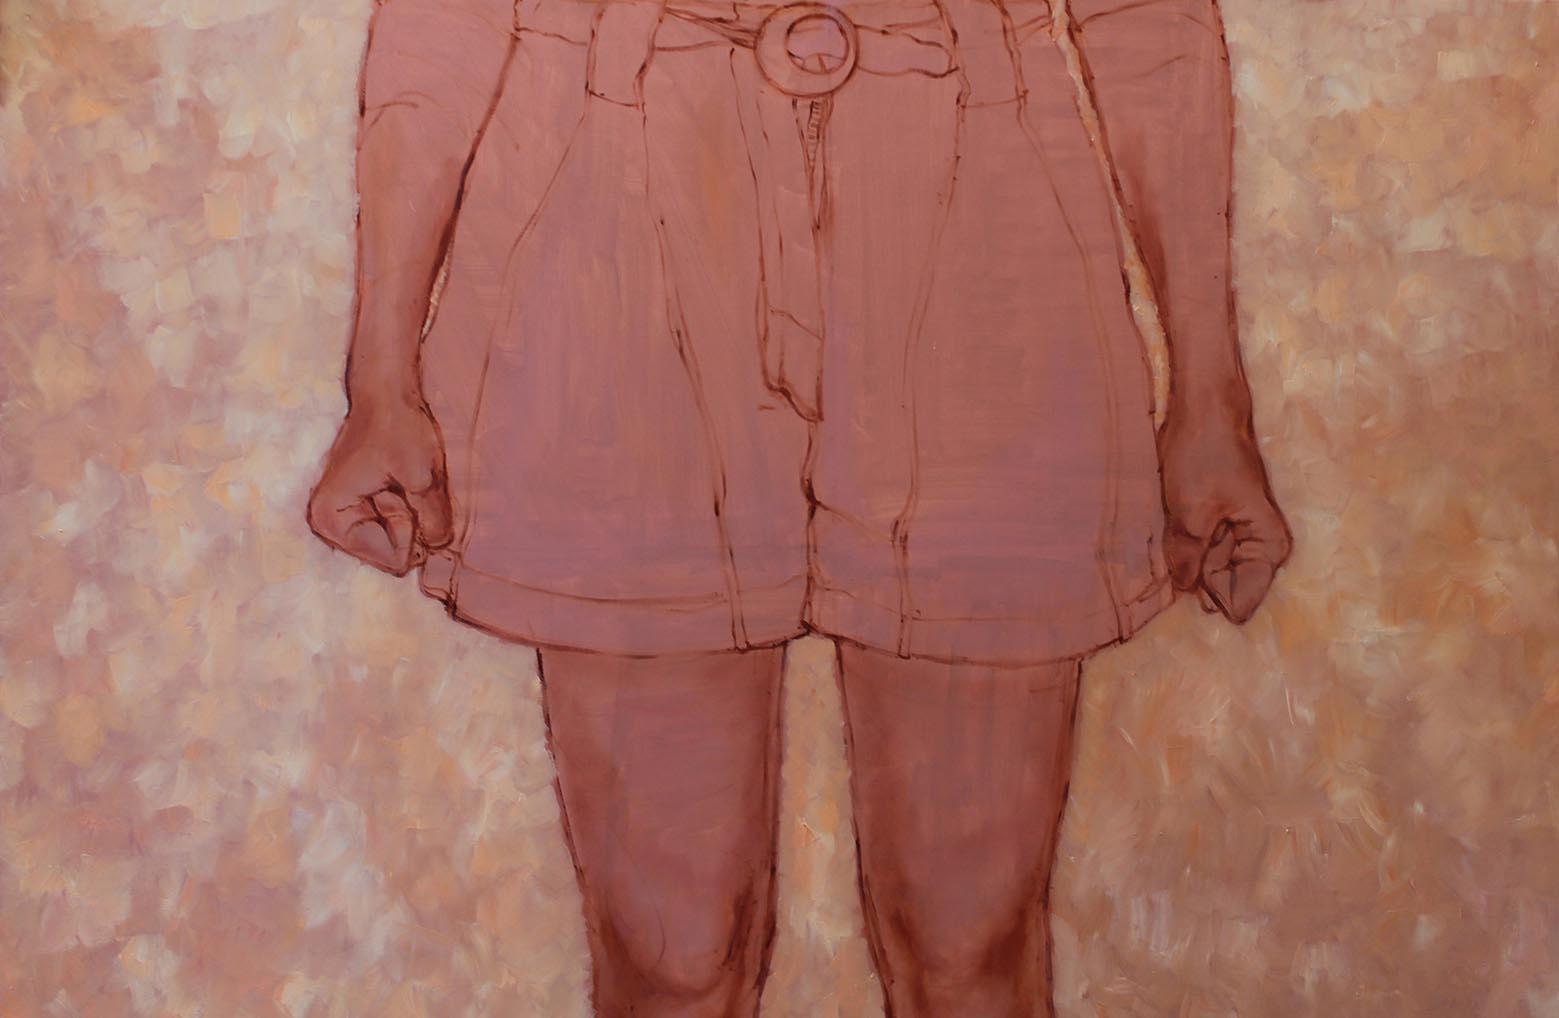 Arrabbiata, |olio su tela,70x100cm, 2012